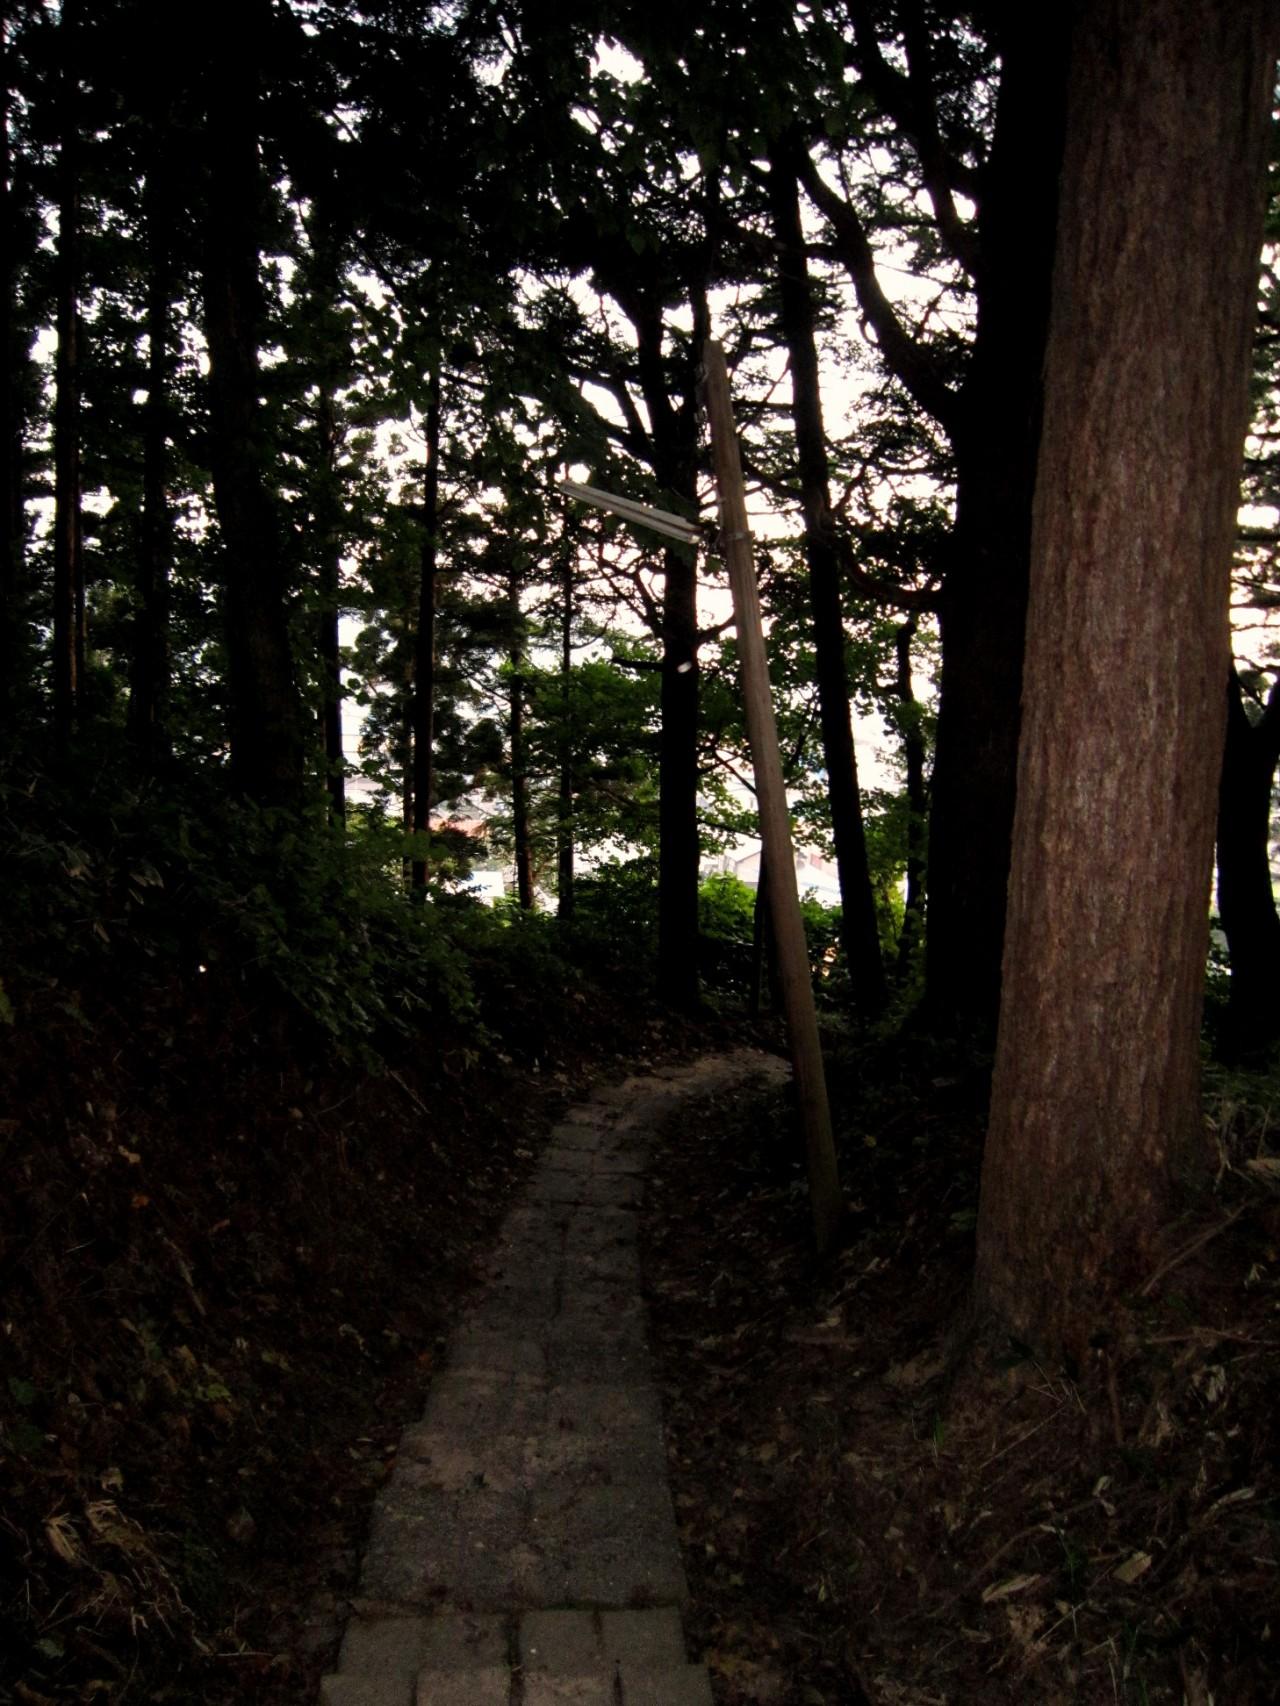 青森 津軽 中泊町 風景 森 林 樹 木 春 夕方